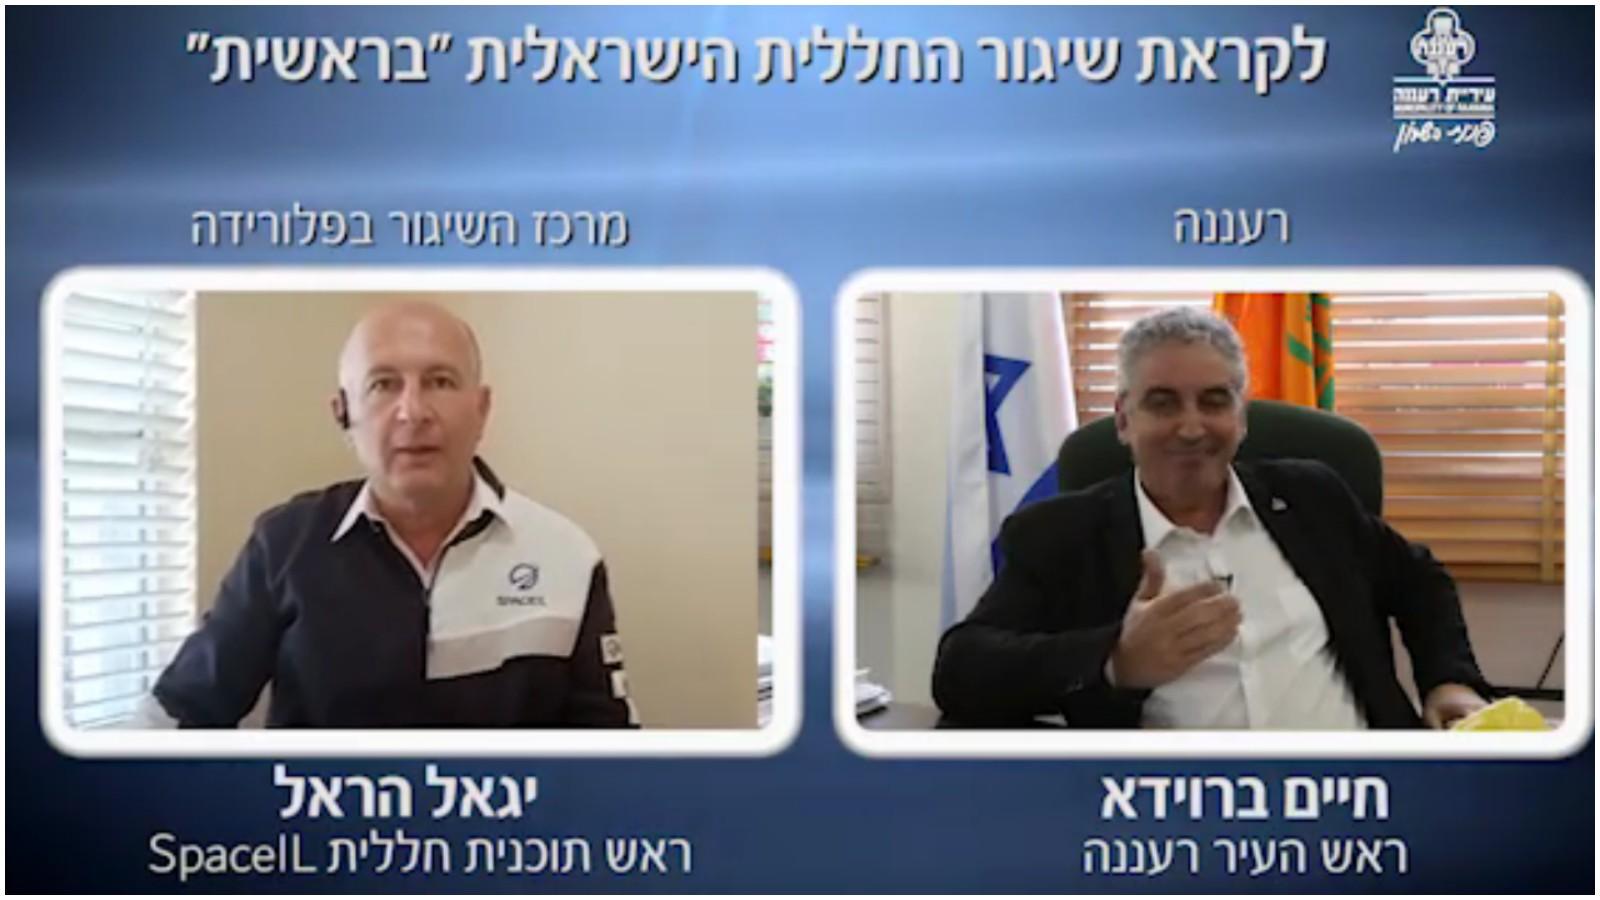 ראש עיריית רעננה חיים ברוידא מראיין את ראש תכנית החלל הישראלית. קרדיט: דוברות העירייה